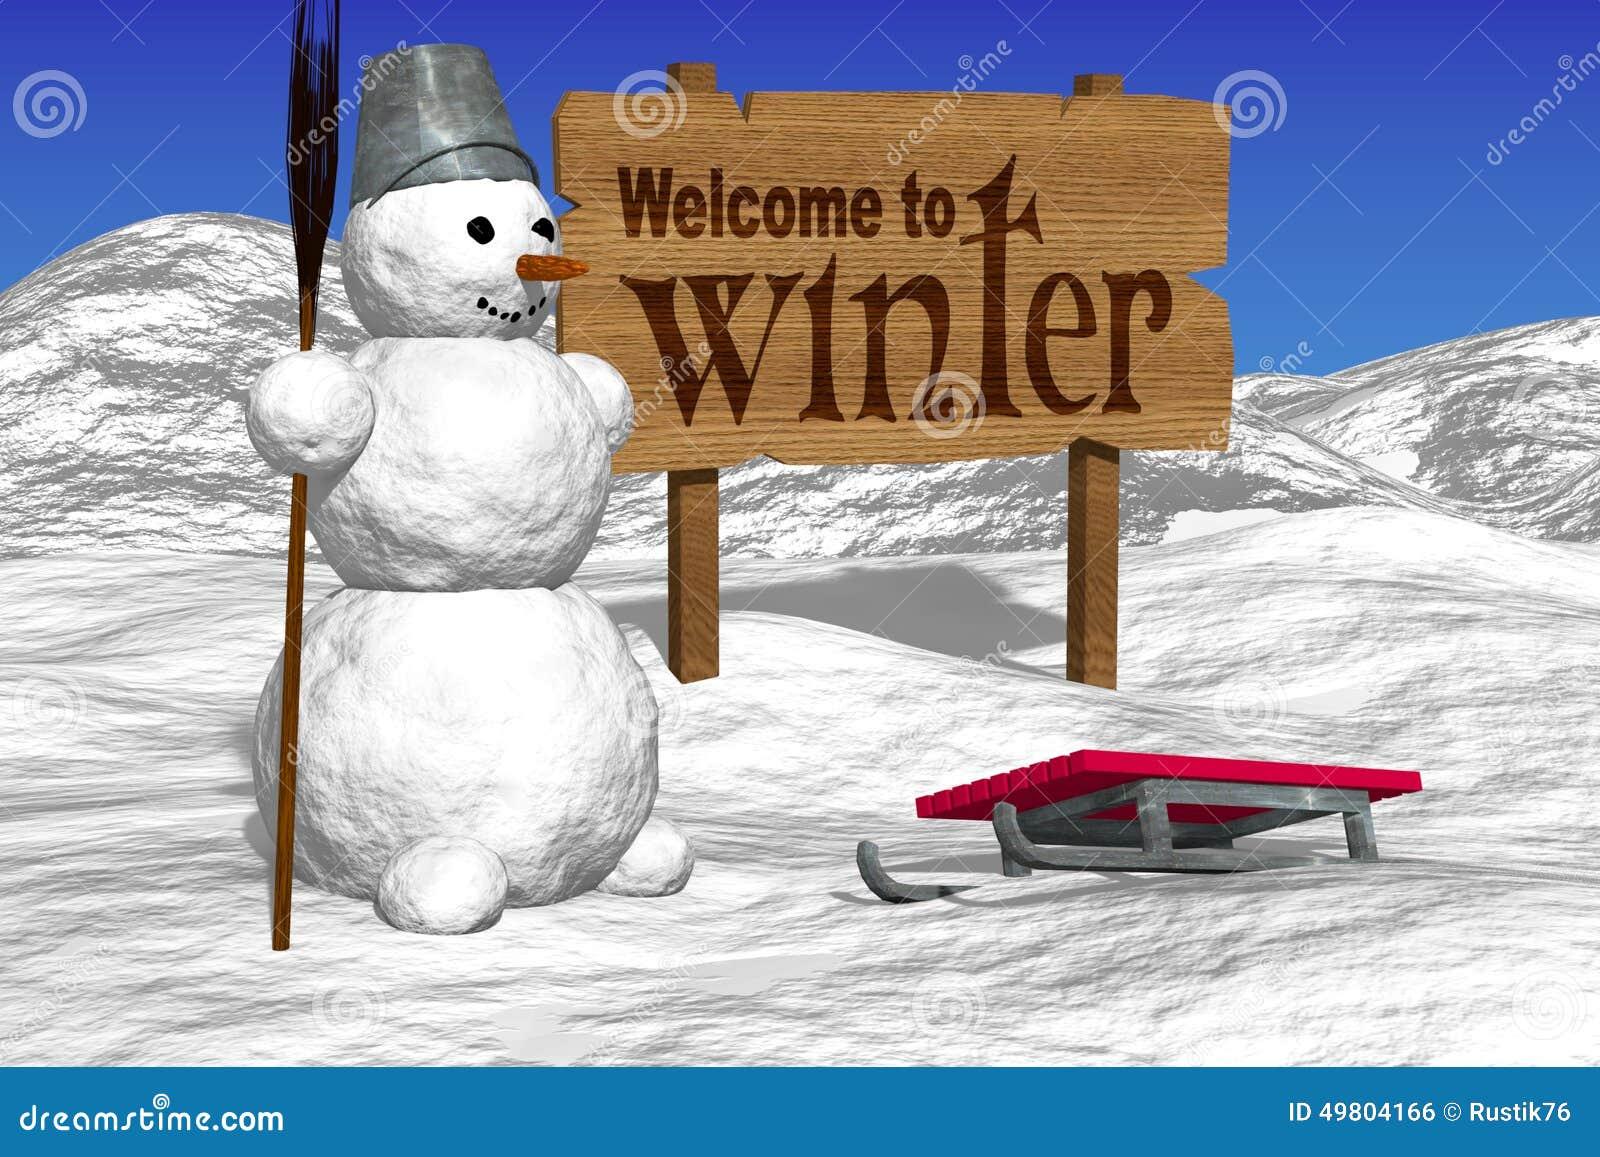 Снеговик и доски приветствуя Добро пожаловать к зиме